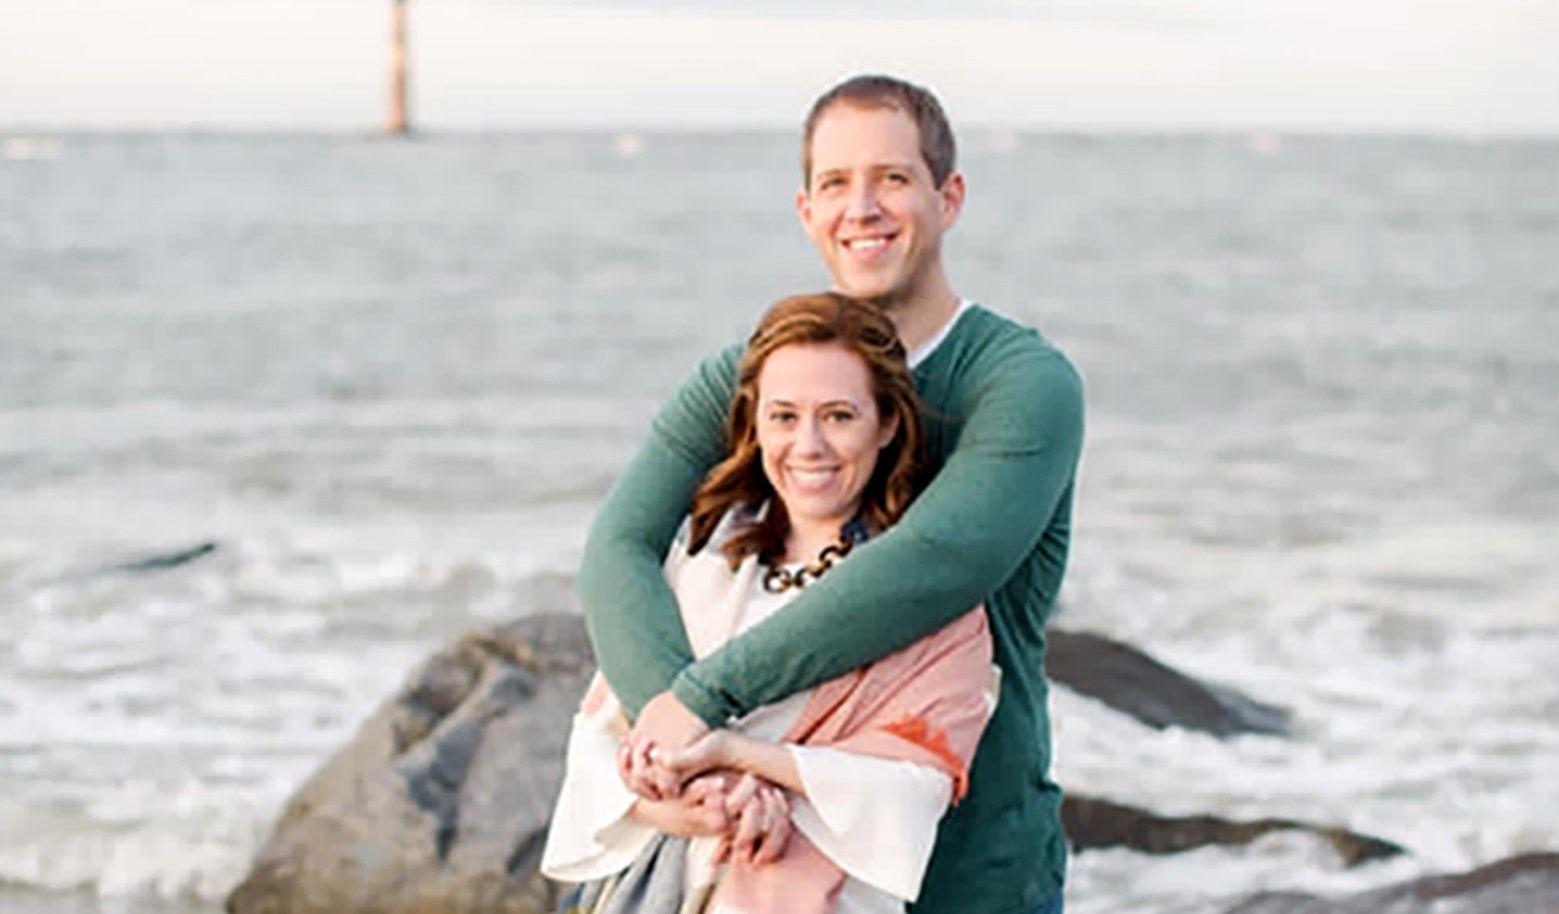 سوختن عروس و داماد آمریکایی در آتشفشان نیوزلند+عکس